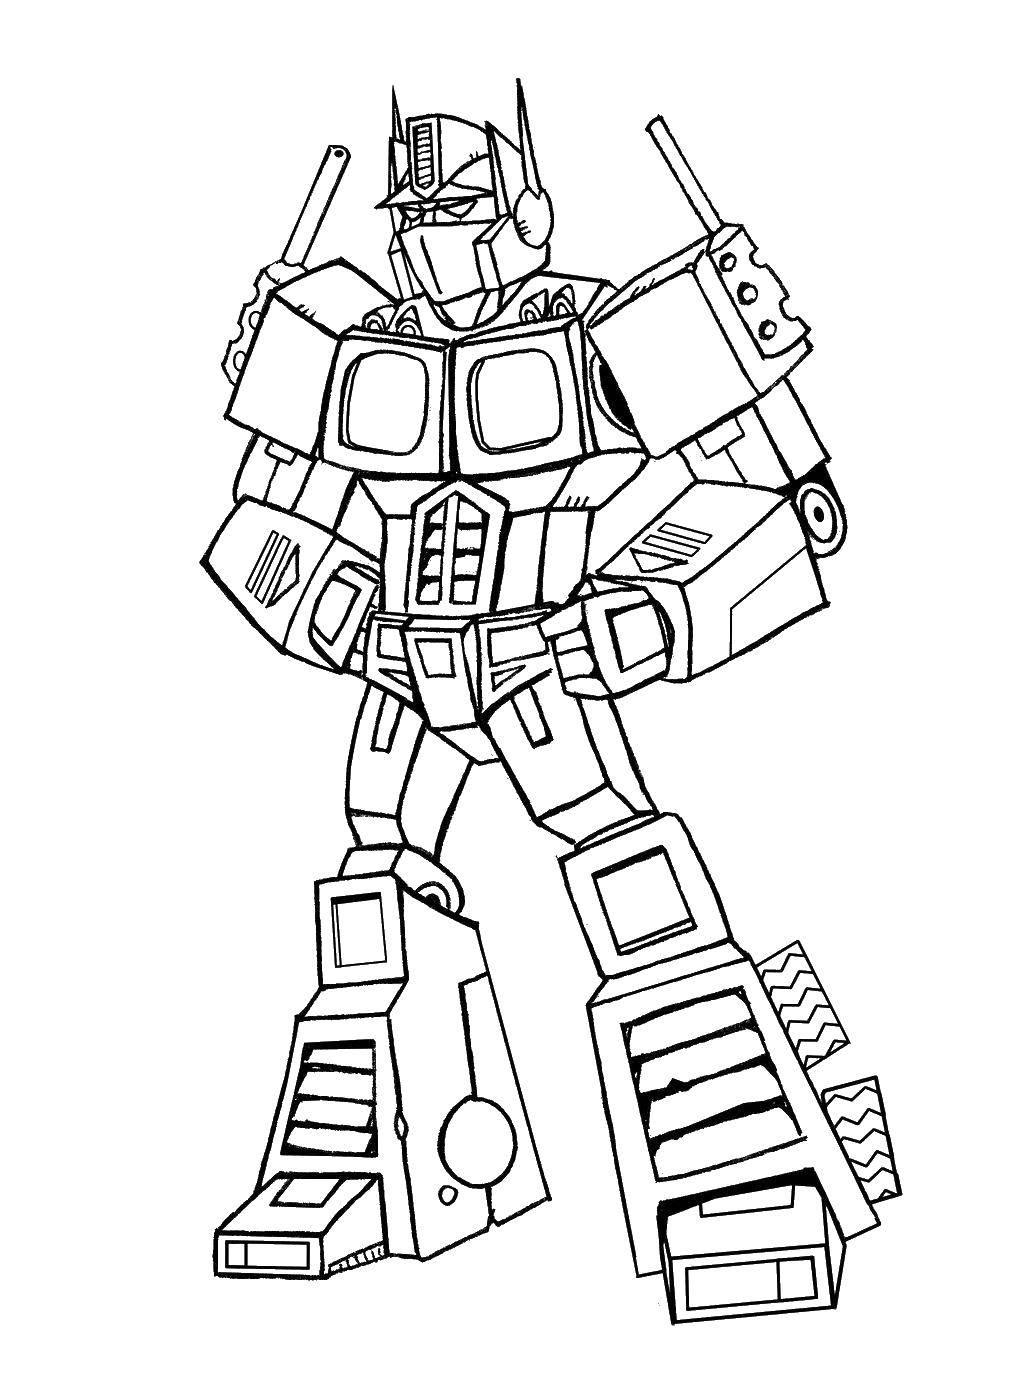 Название: Раскраска Грозный робот. Категория: Для мальчиков. Теги: Робот.